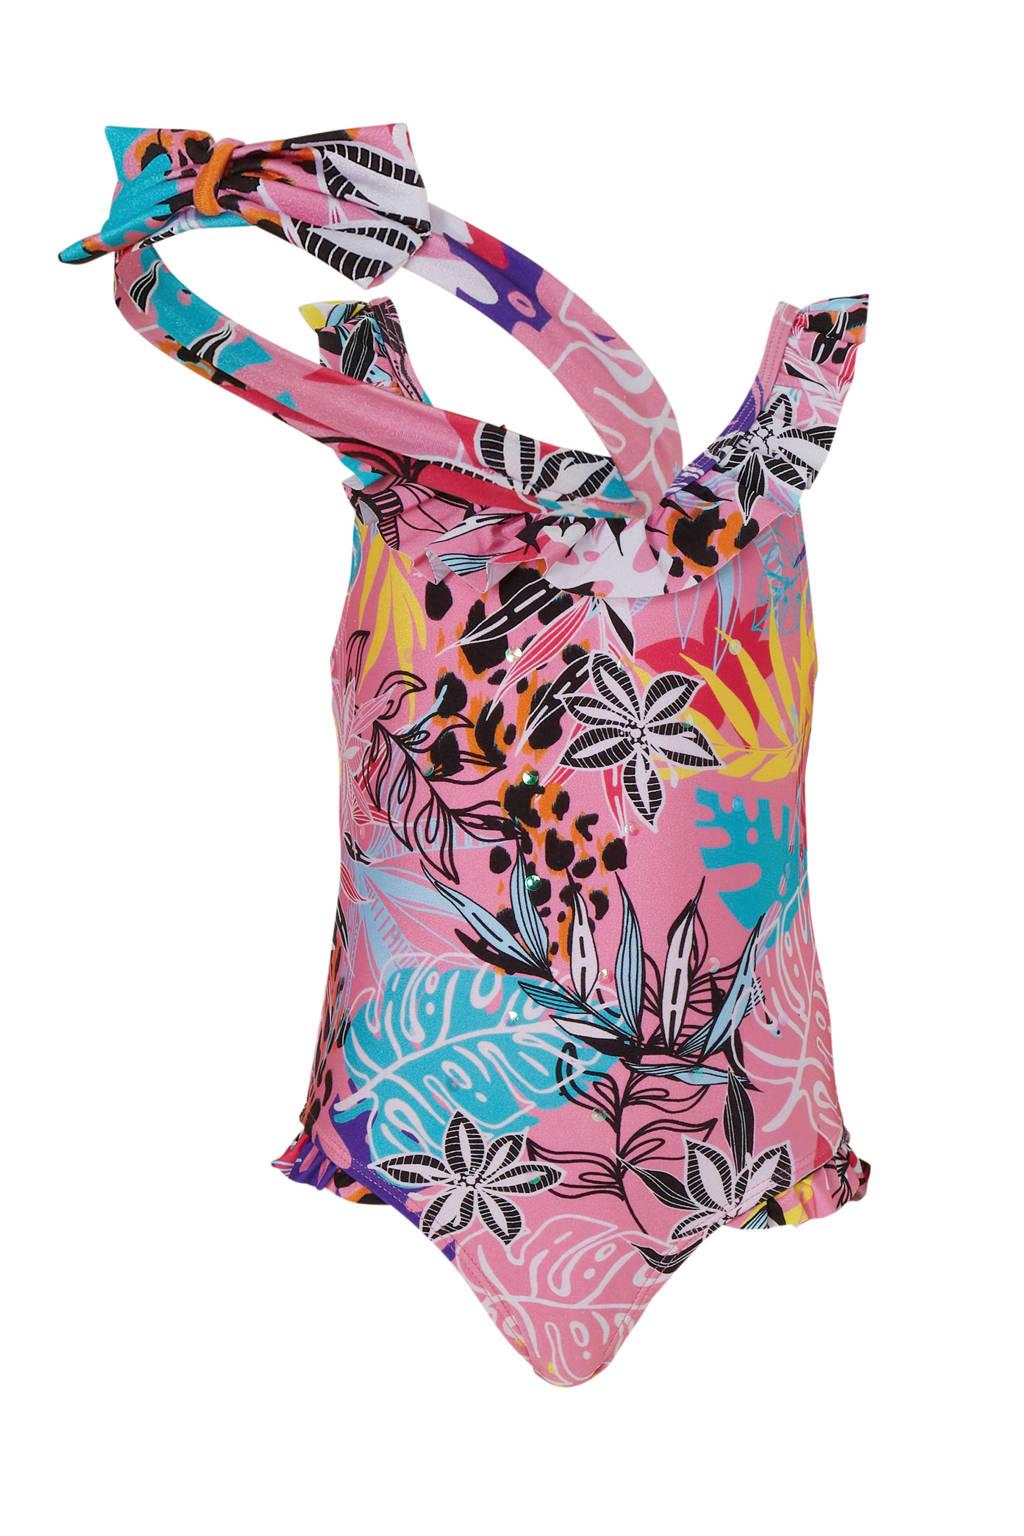 River Island badpak met all over print roze, Roze/zwart/wit